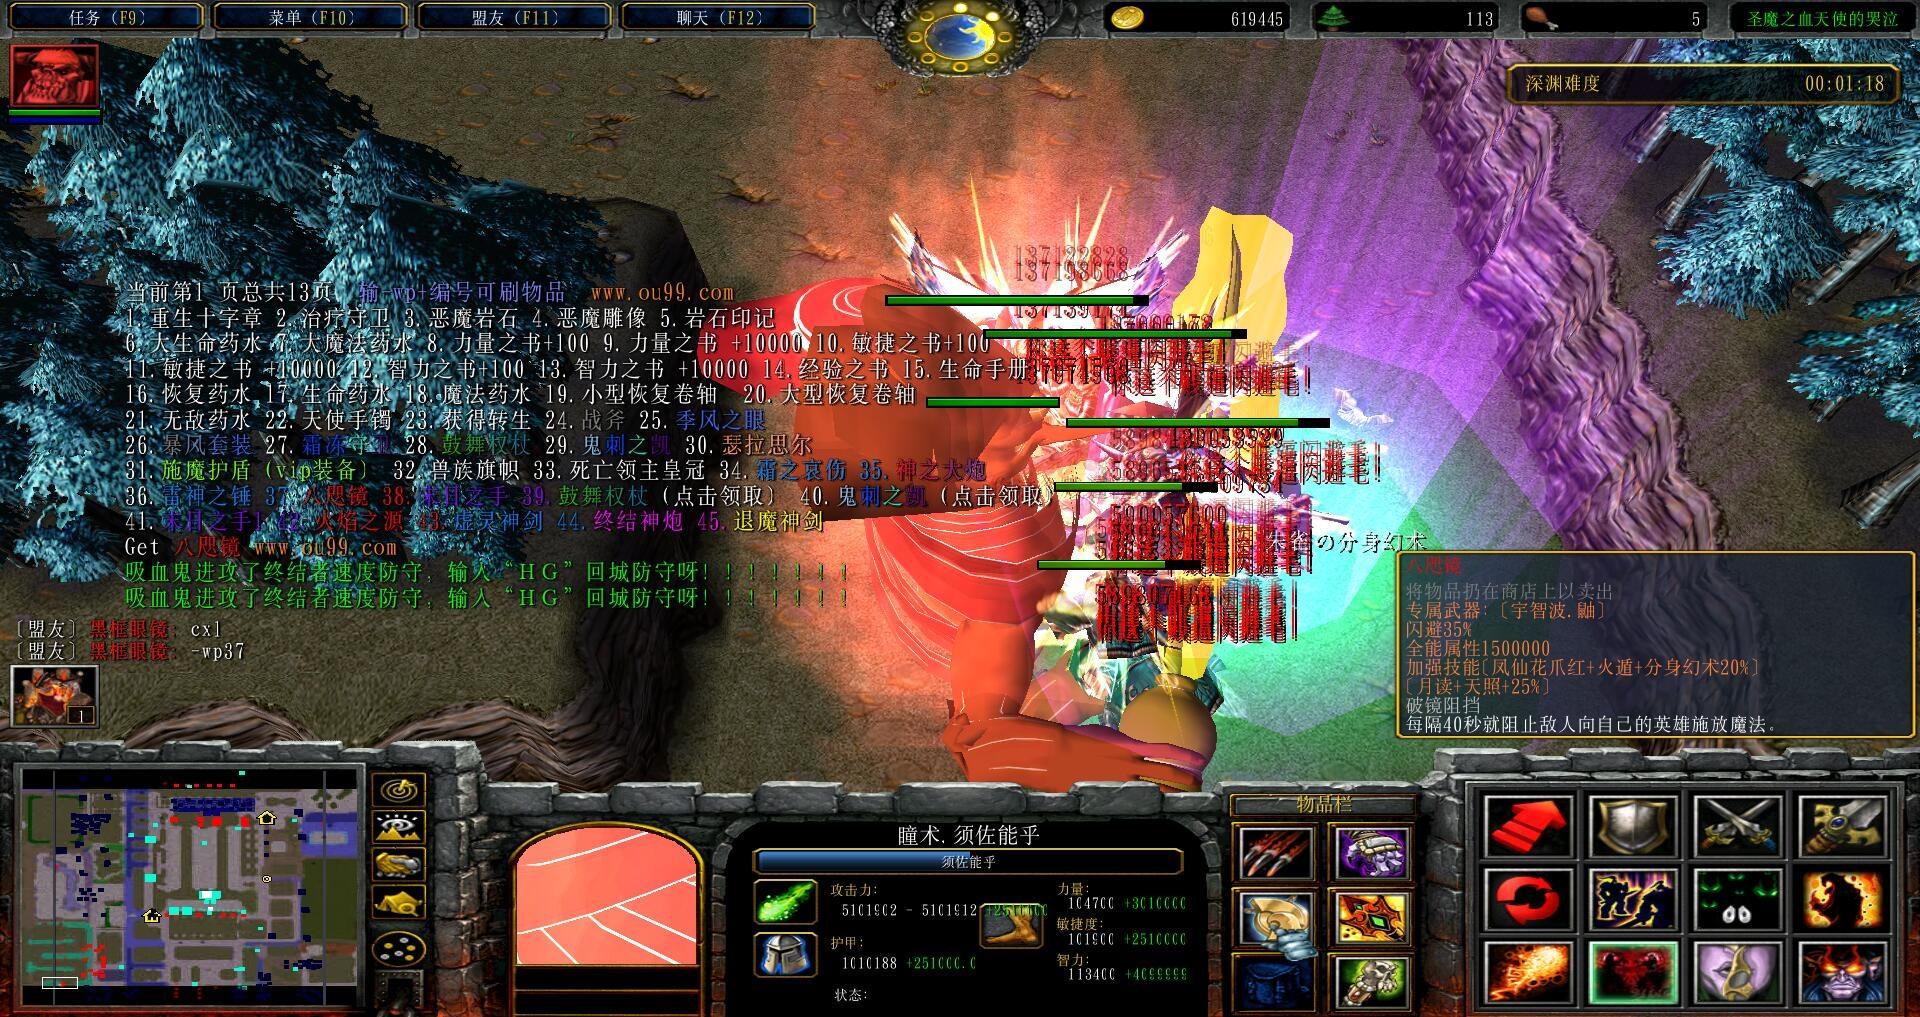 圣魔之血12.5圣域篇黑式破解 全限定英雄+全隐藏装备+圣魔之翼+去除限制+无CD全屏闪